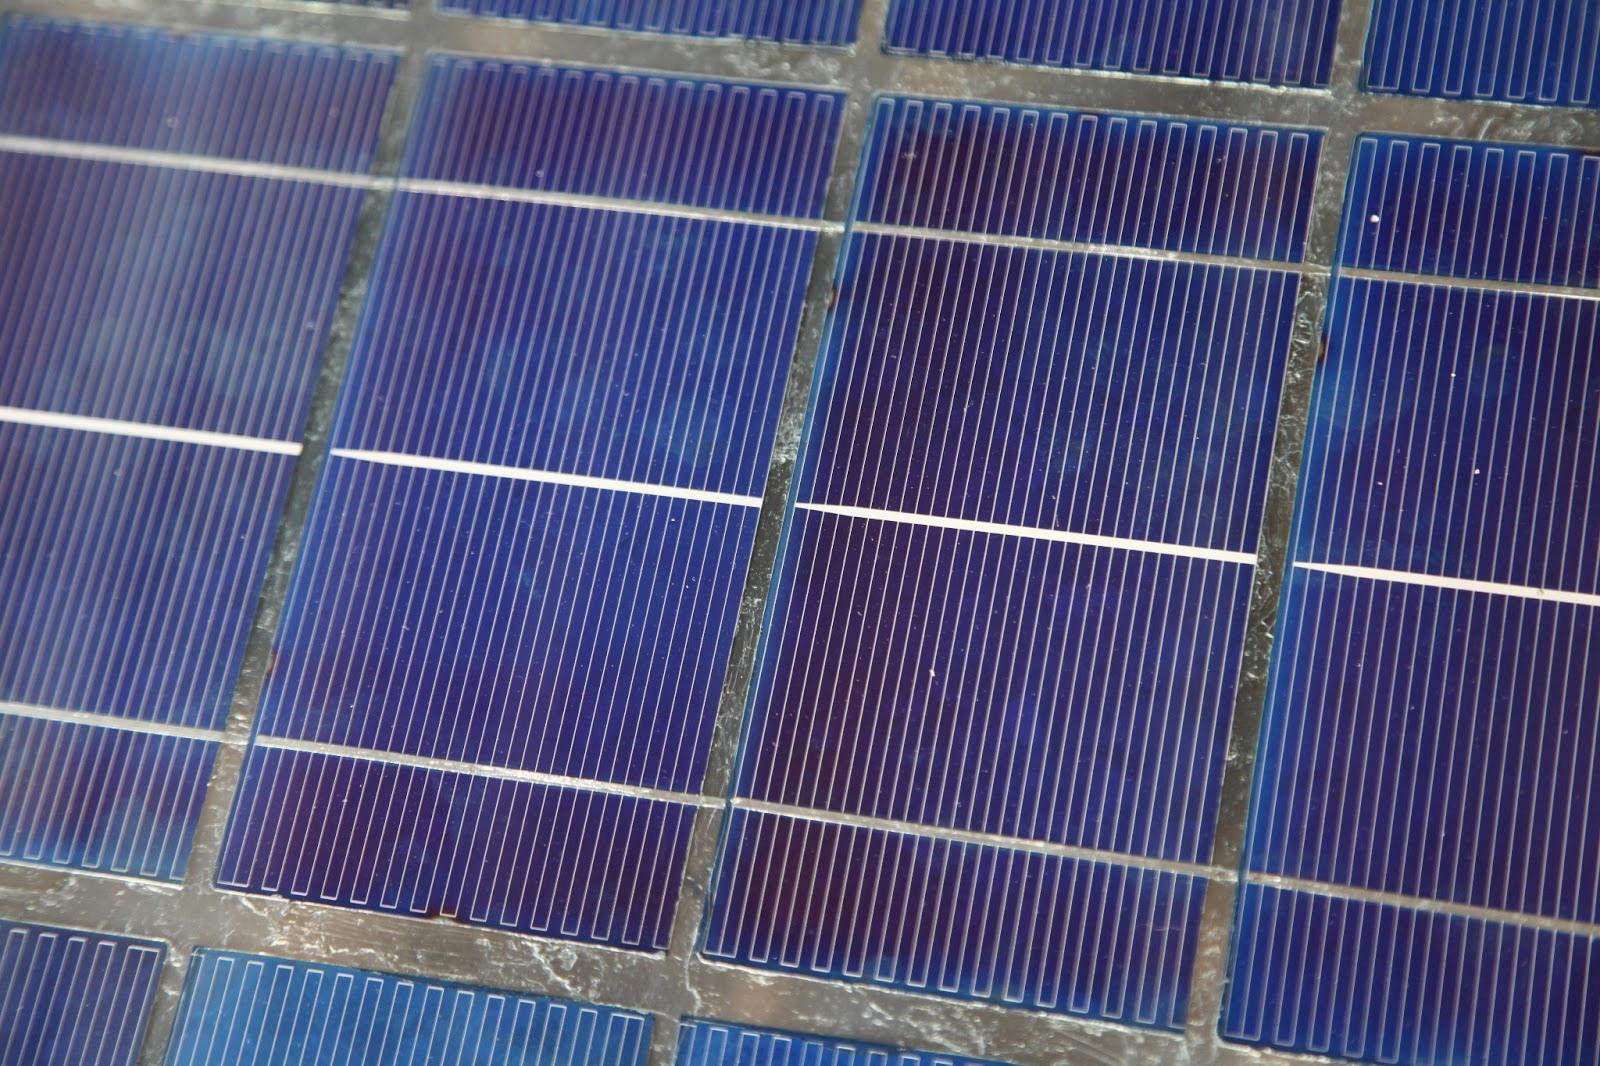 схема подключения системы на солнечных батареях к сети